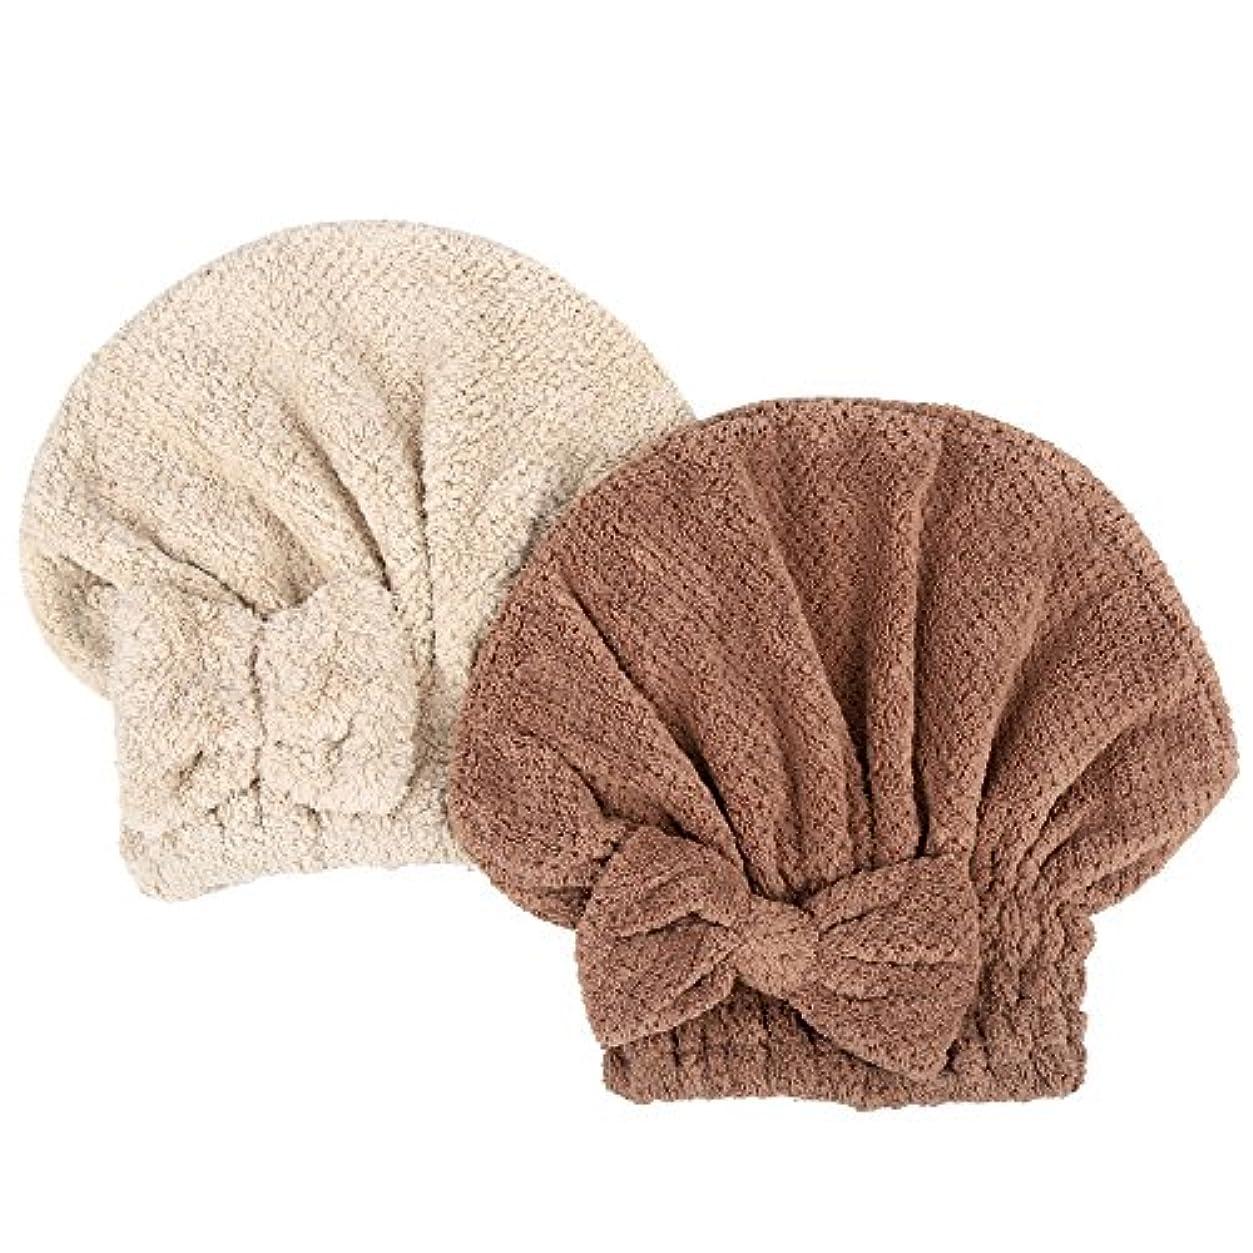 靴下見つけた枠KISENG タオルキャップ 2枚セット ヘアドライタオル 短髪の人向き ヘアキャップ 吸水タオル 速乾 ふわふわ お風呂 バス用品 (ベージュ+コーヒー)